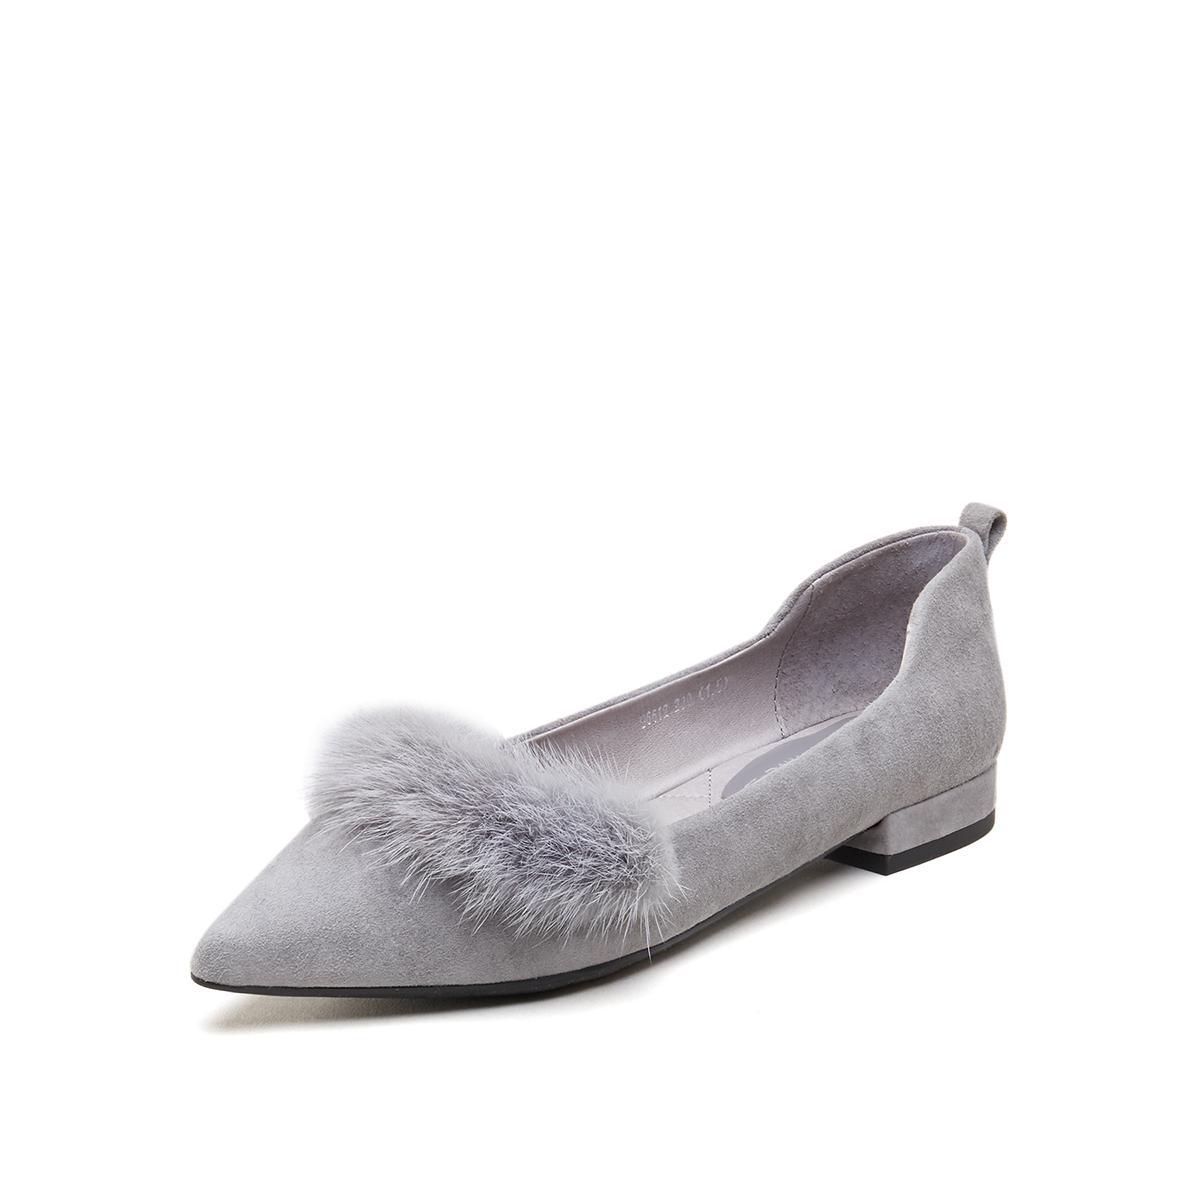 妙丽妙丽专柜同灰色羊皮时尚简约通勤低跟女单鞋LKG96612DP1CQ8